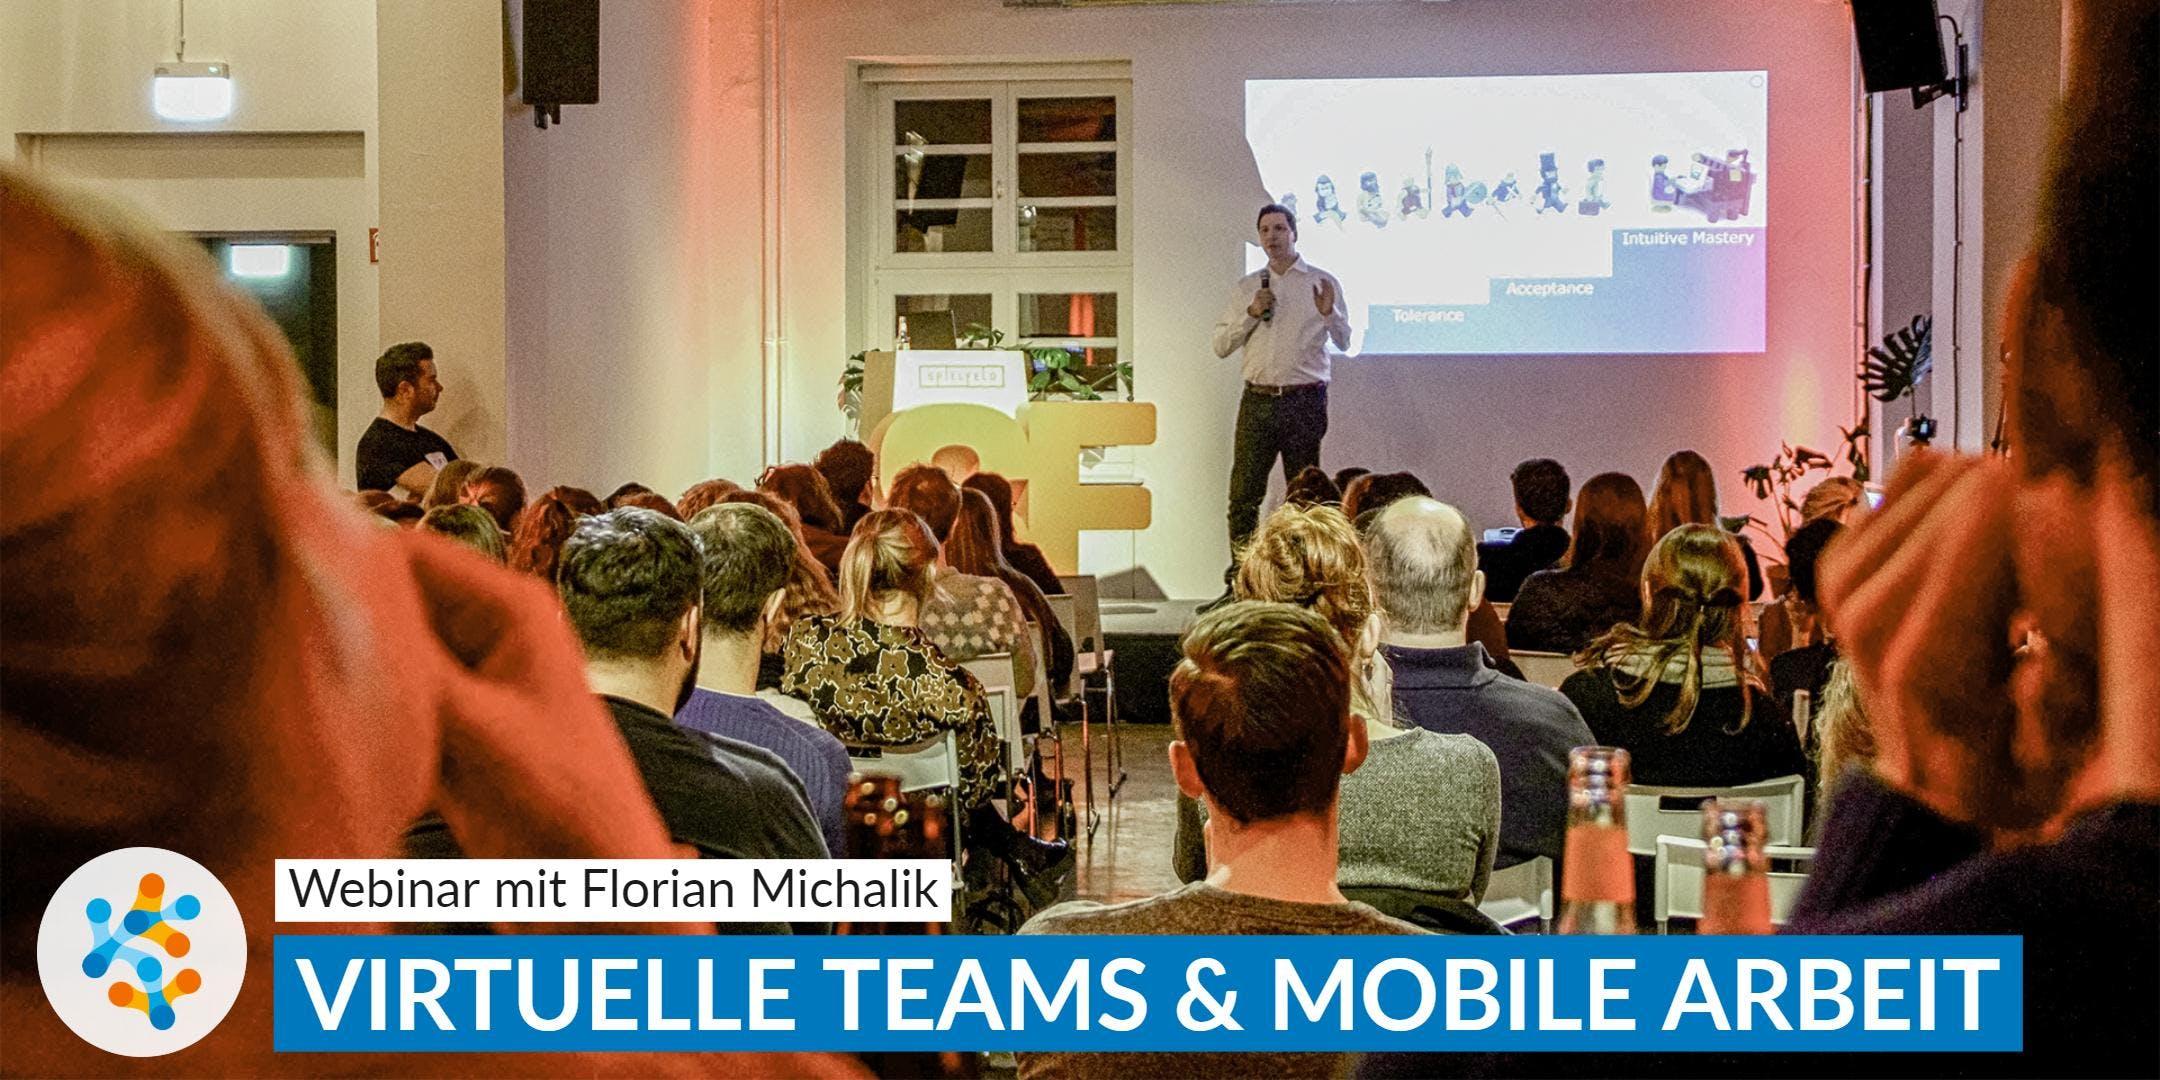 Virtuelle Teams  Die 5 Erfolgsfaktoren  Webinar